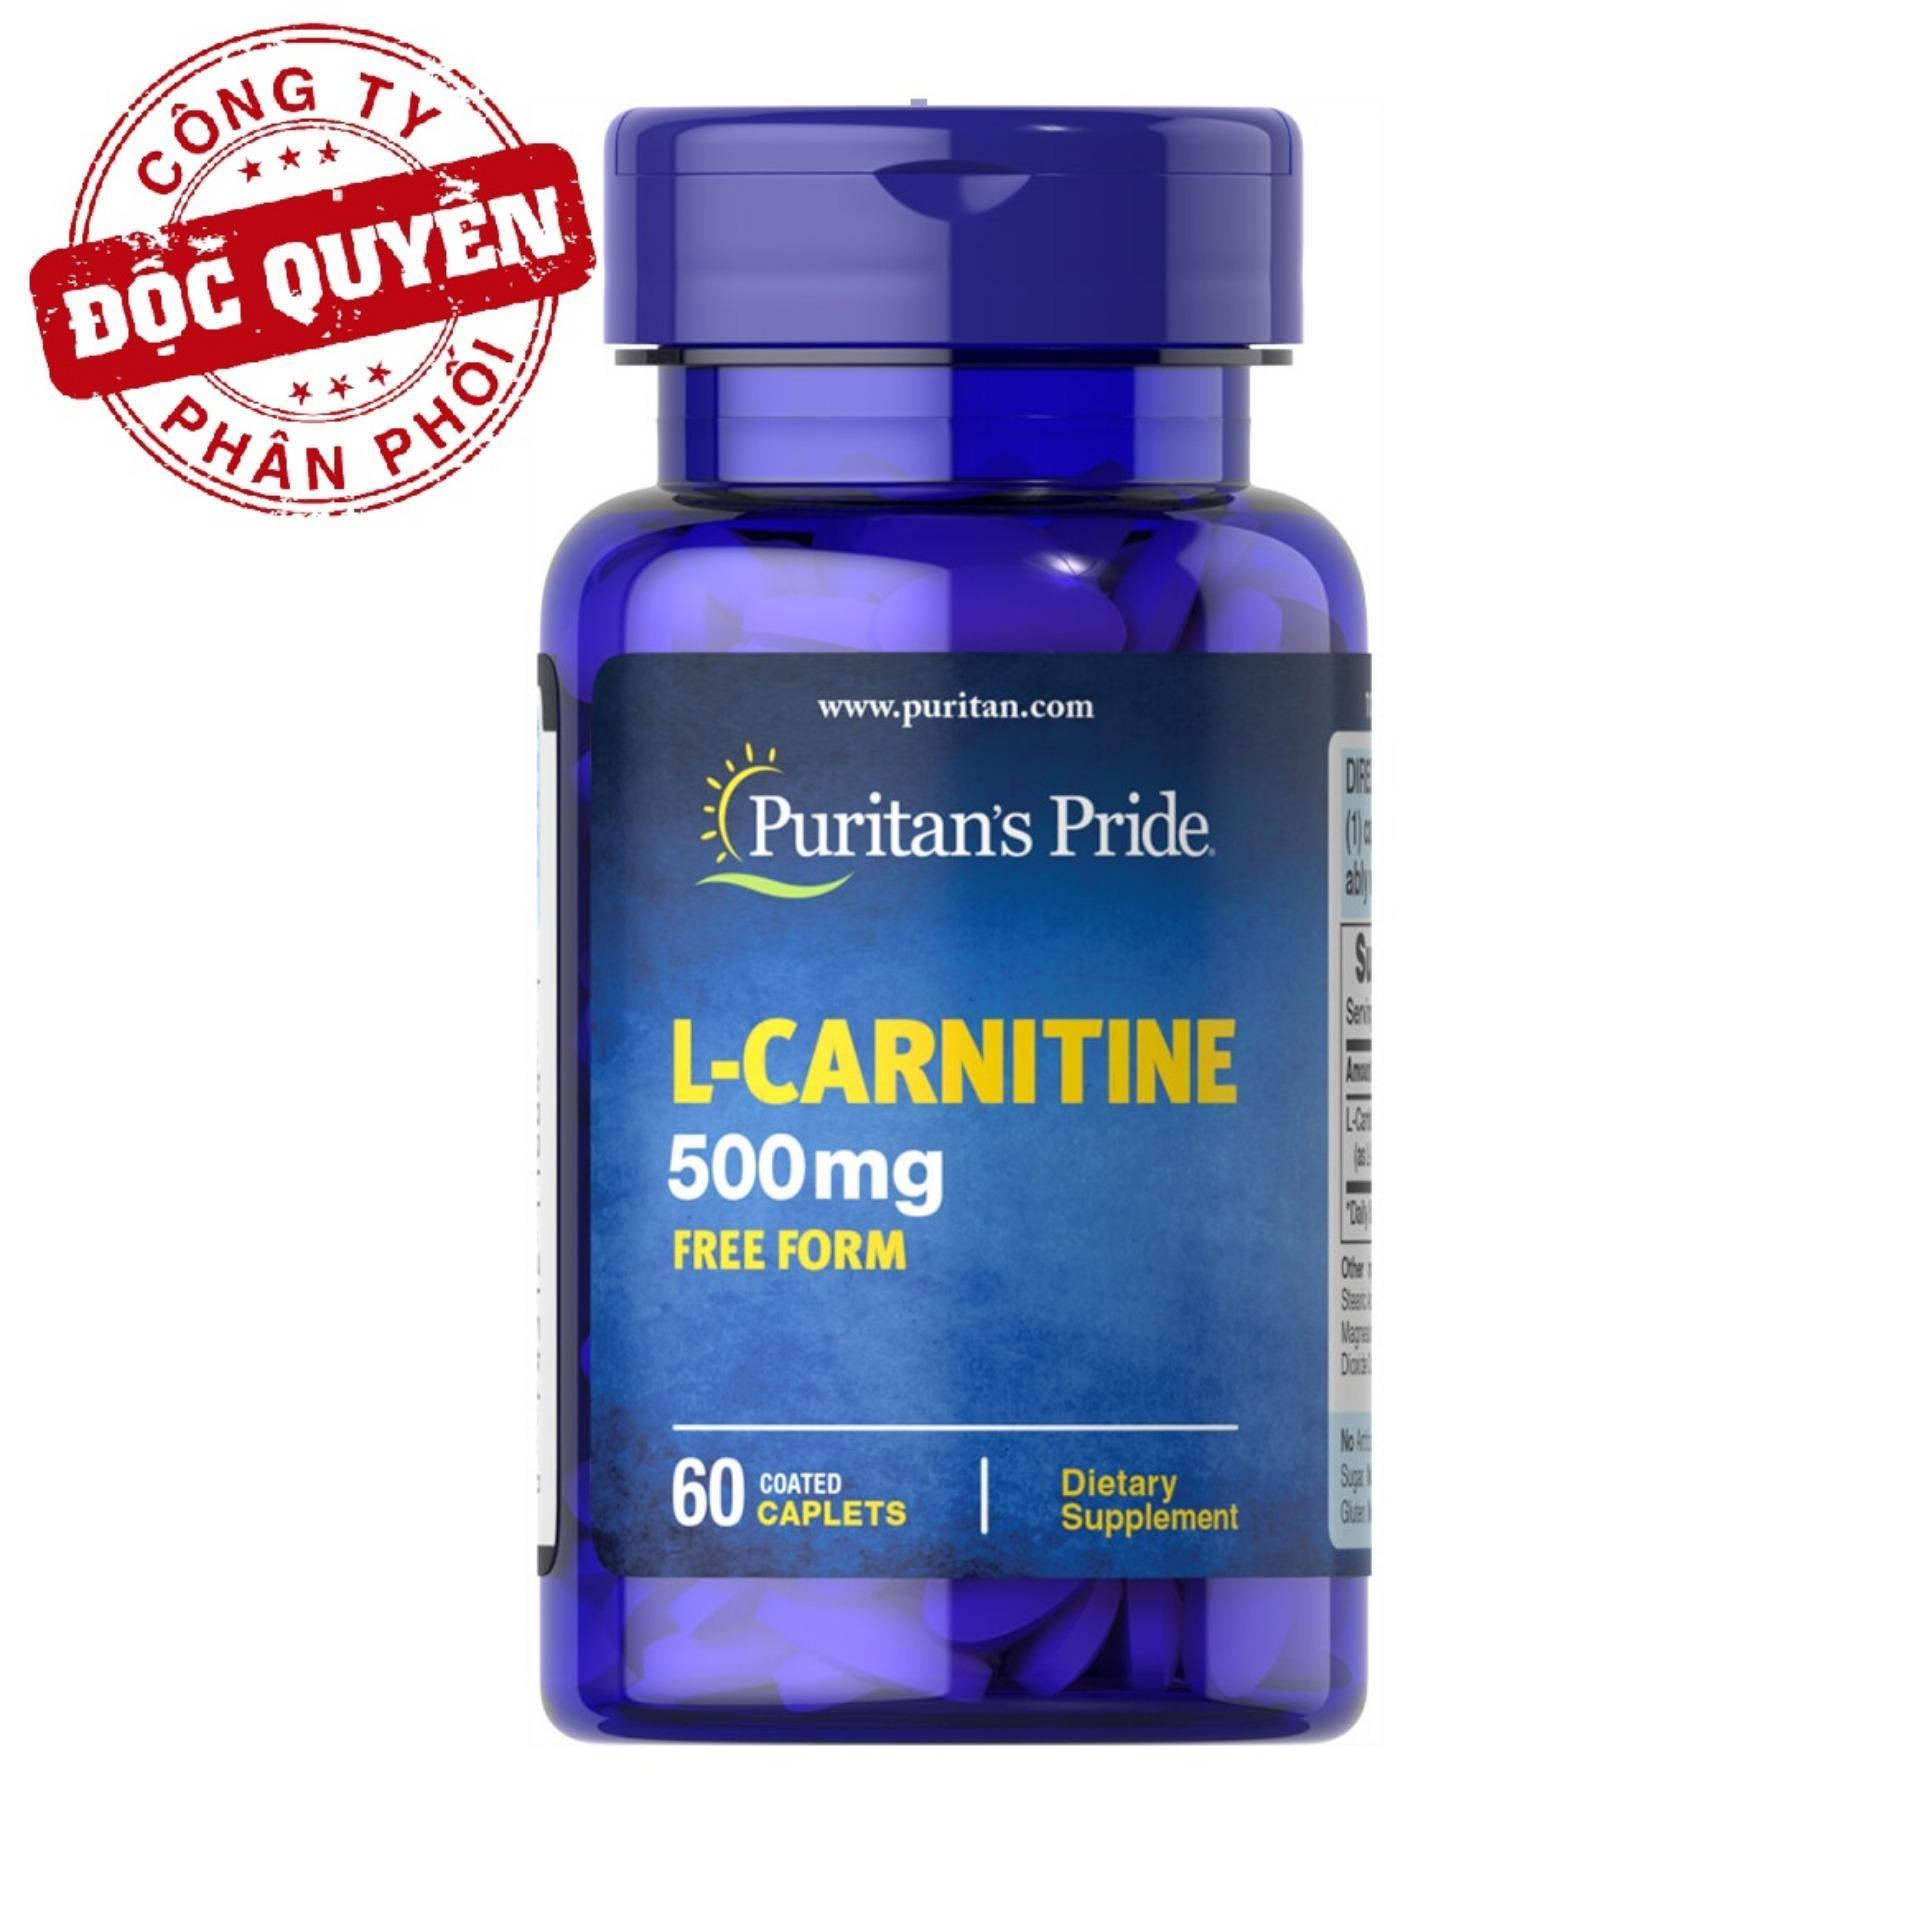 Viên uống hỗ trợ giảm cân không tác dụng phụ, giúp cơ thể săn gọn, hỗ trợ chức năng thận Puritans Pride L-Carnitine 500mg 60 viên HSD tháng 9/2018